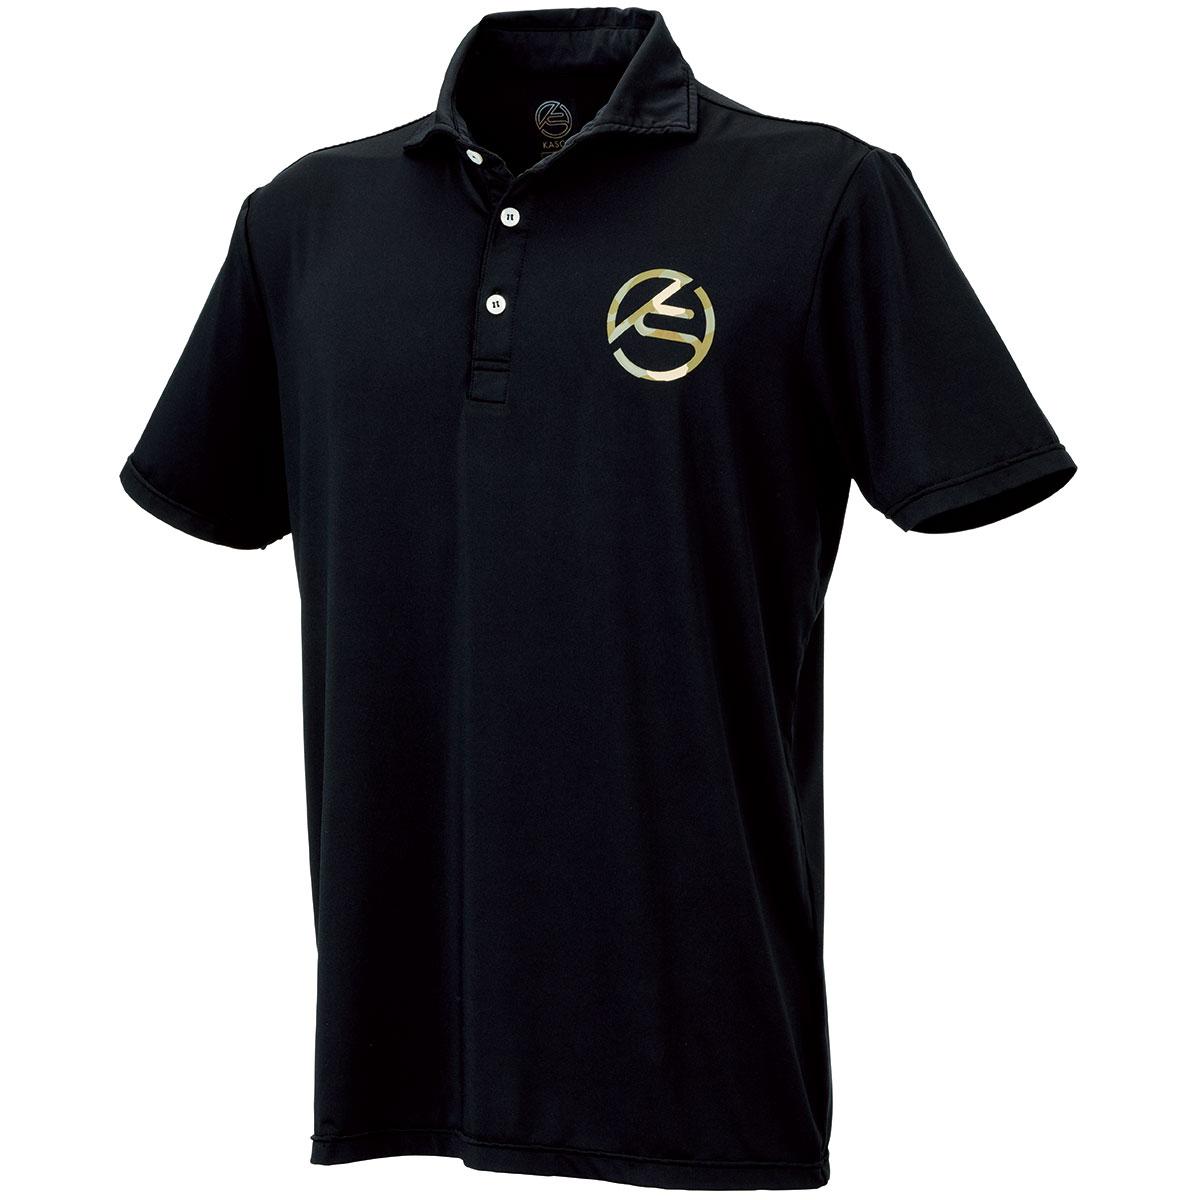 インセクトシールド ホリゾンタルカラー半袖ポロシャツ